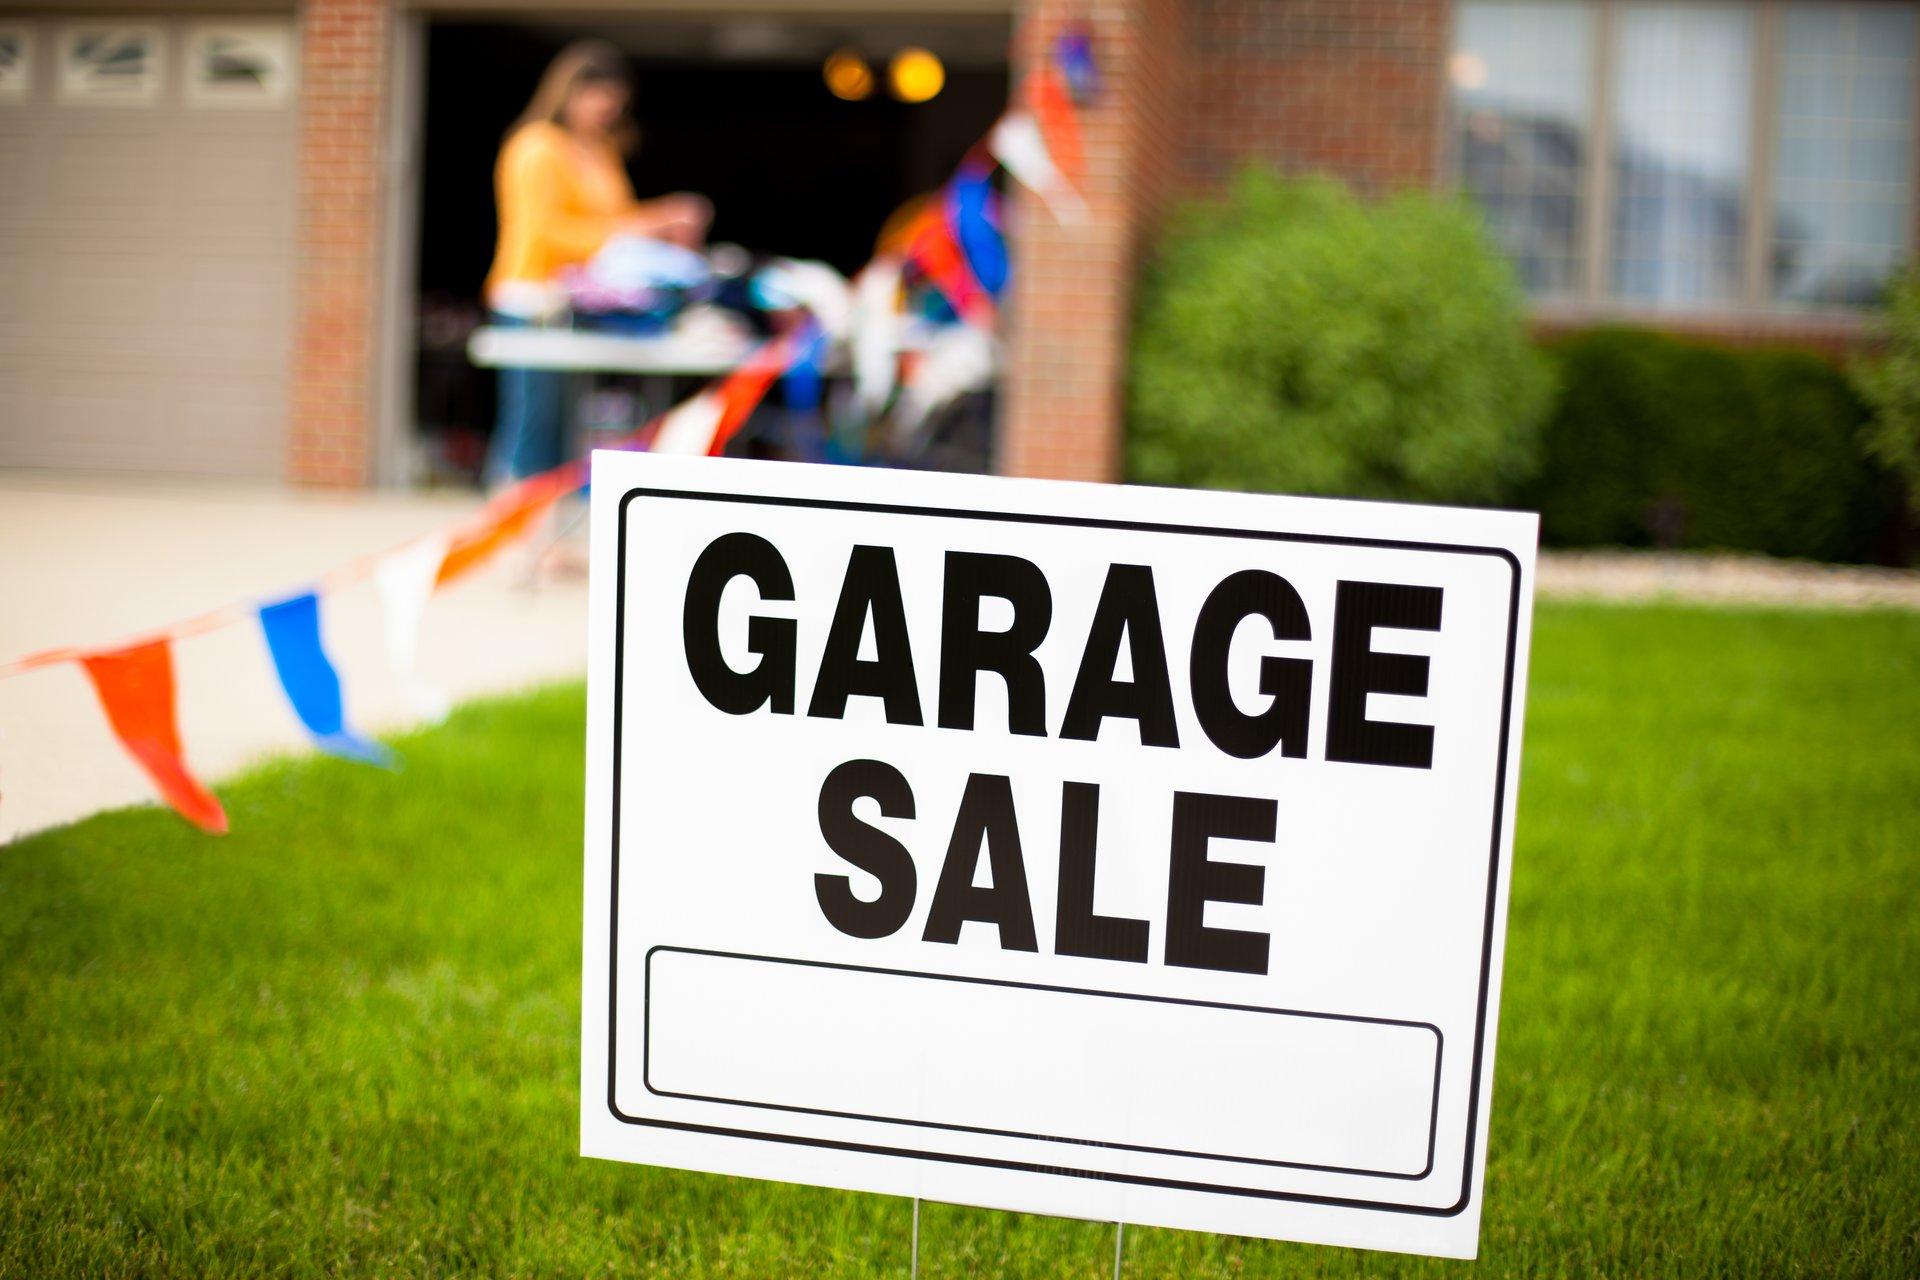 Garage sale sign in yard